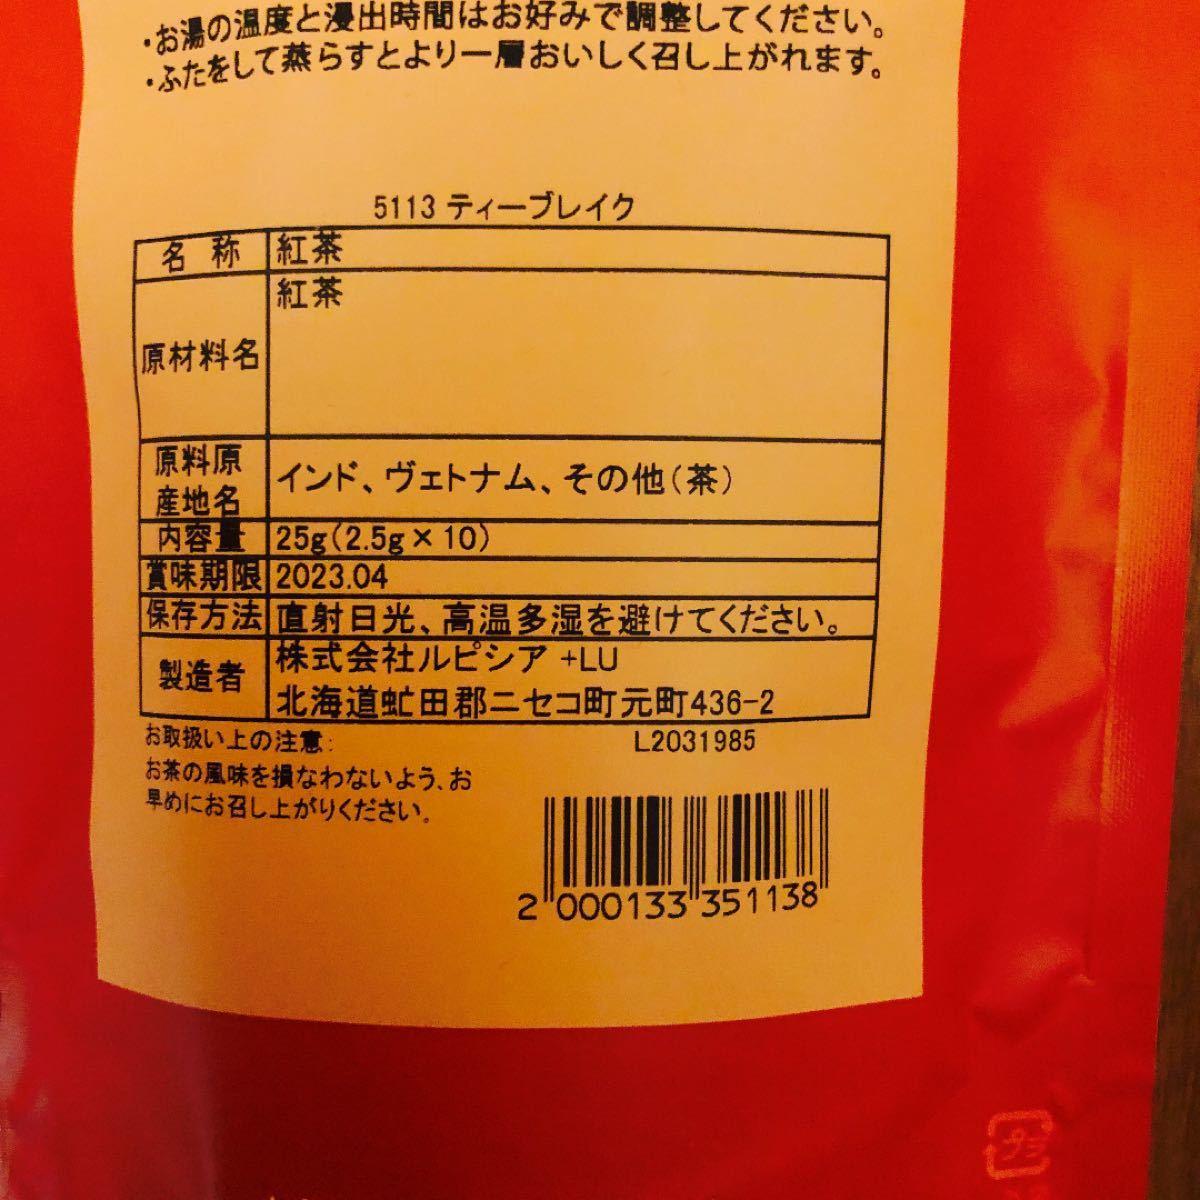 ルピシア ティーパック紅茶3点セット+1袋おまけ付き【送料込】